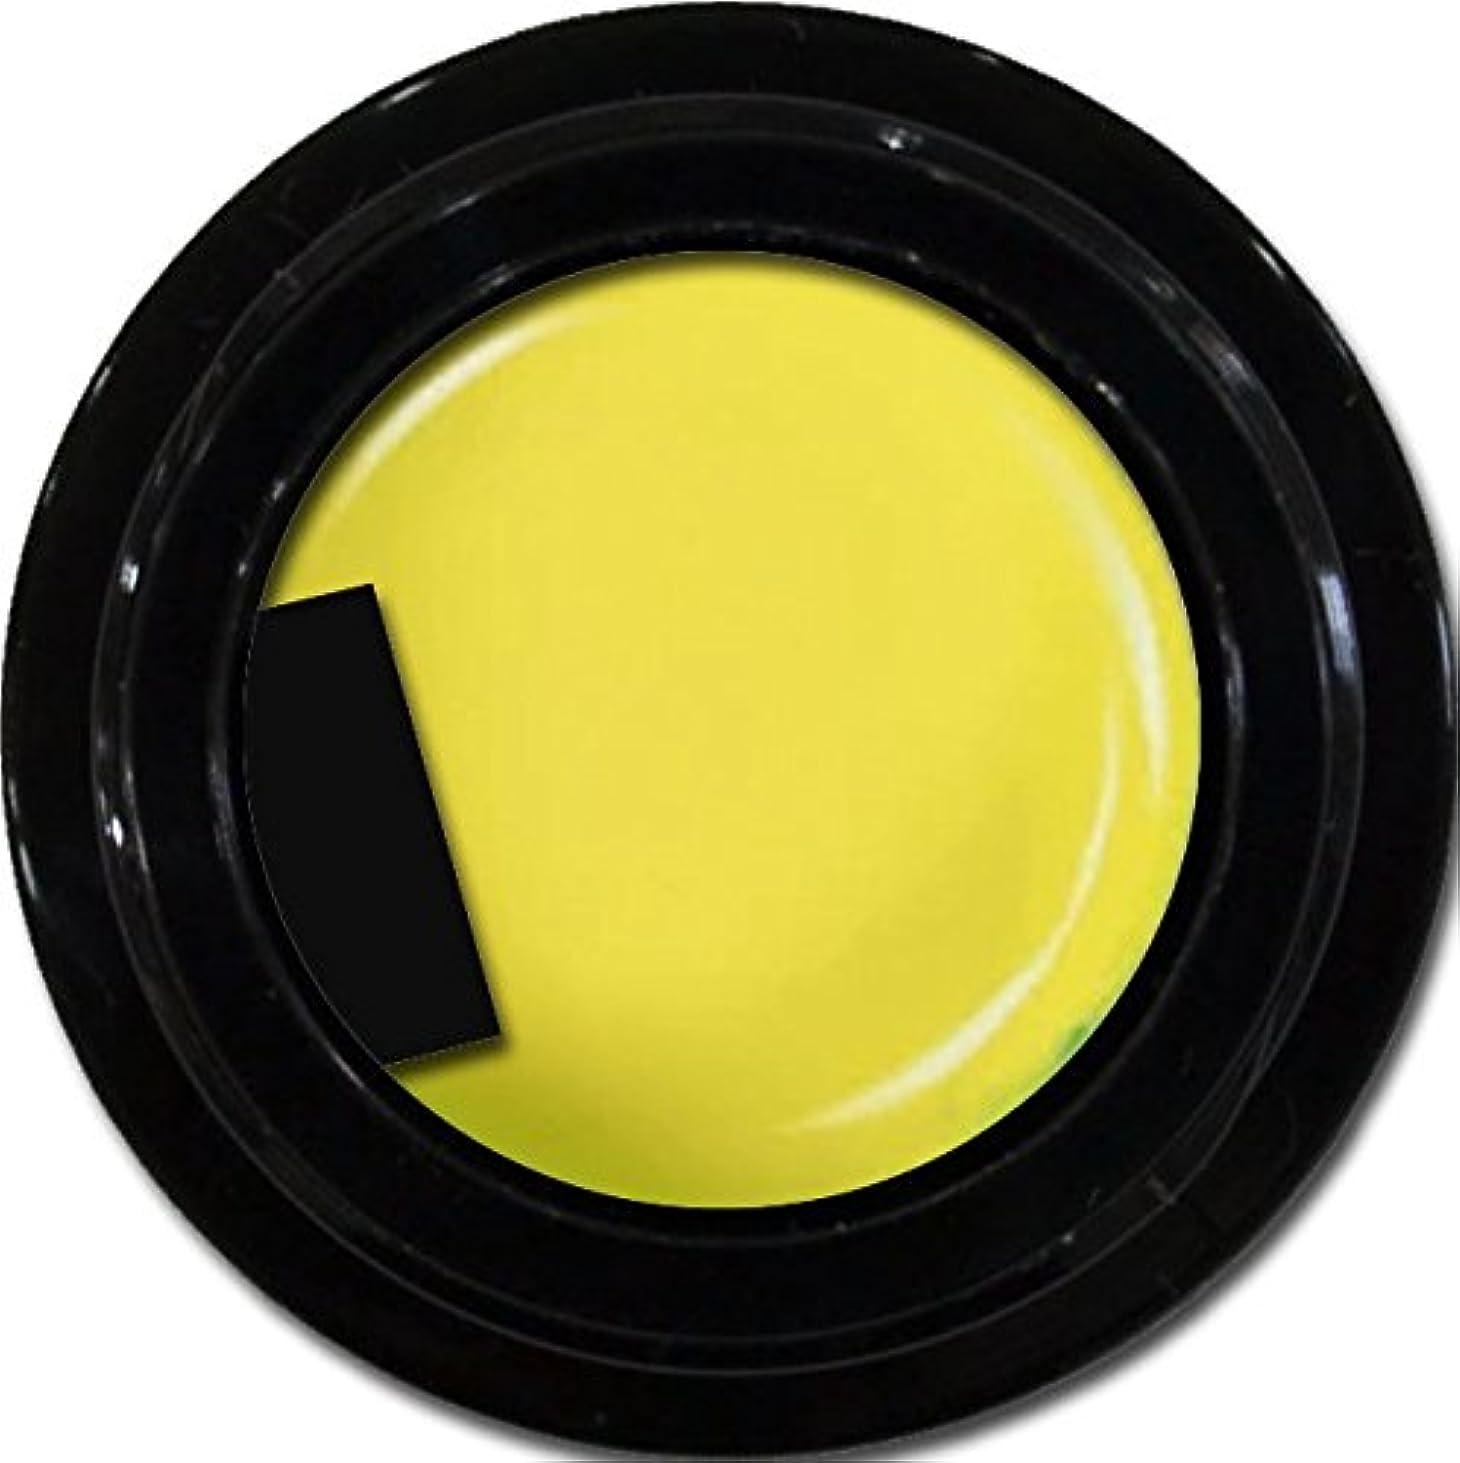 コード補償ケーブルカーカラージェル enchant color gel M602 MoroccoYellow 3g/ マットカラージェル M602 モロッコイエロー 3グラム